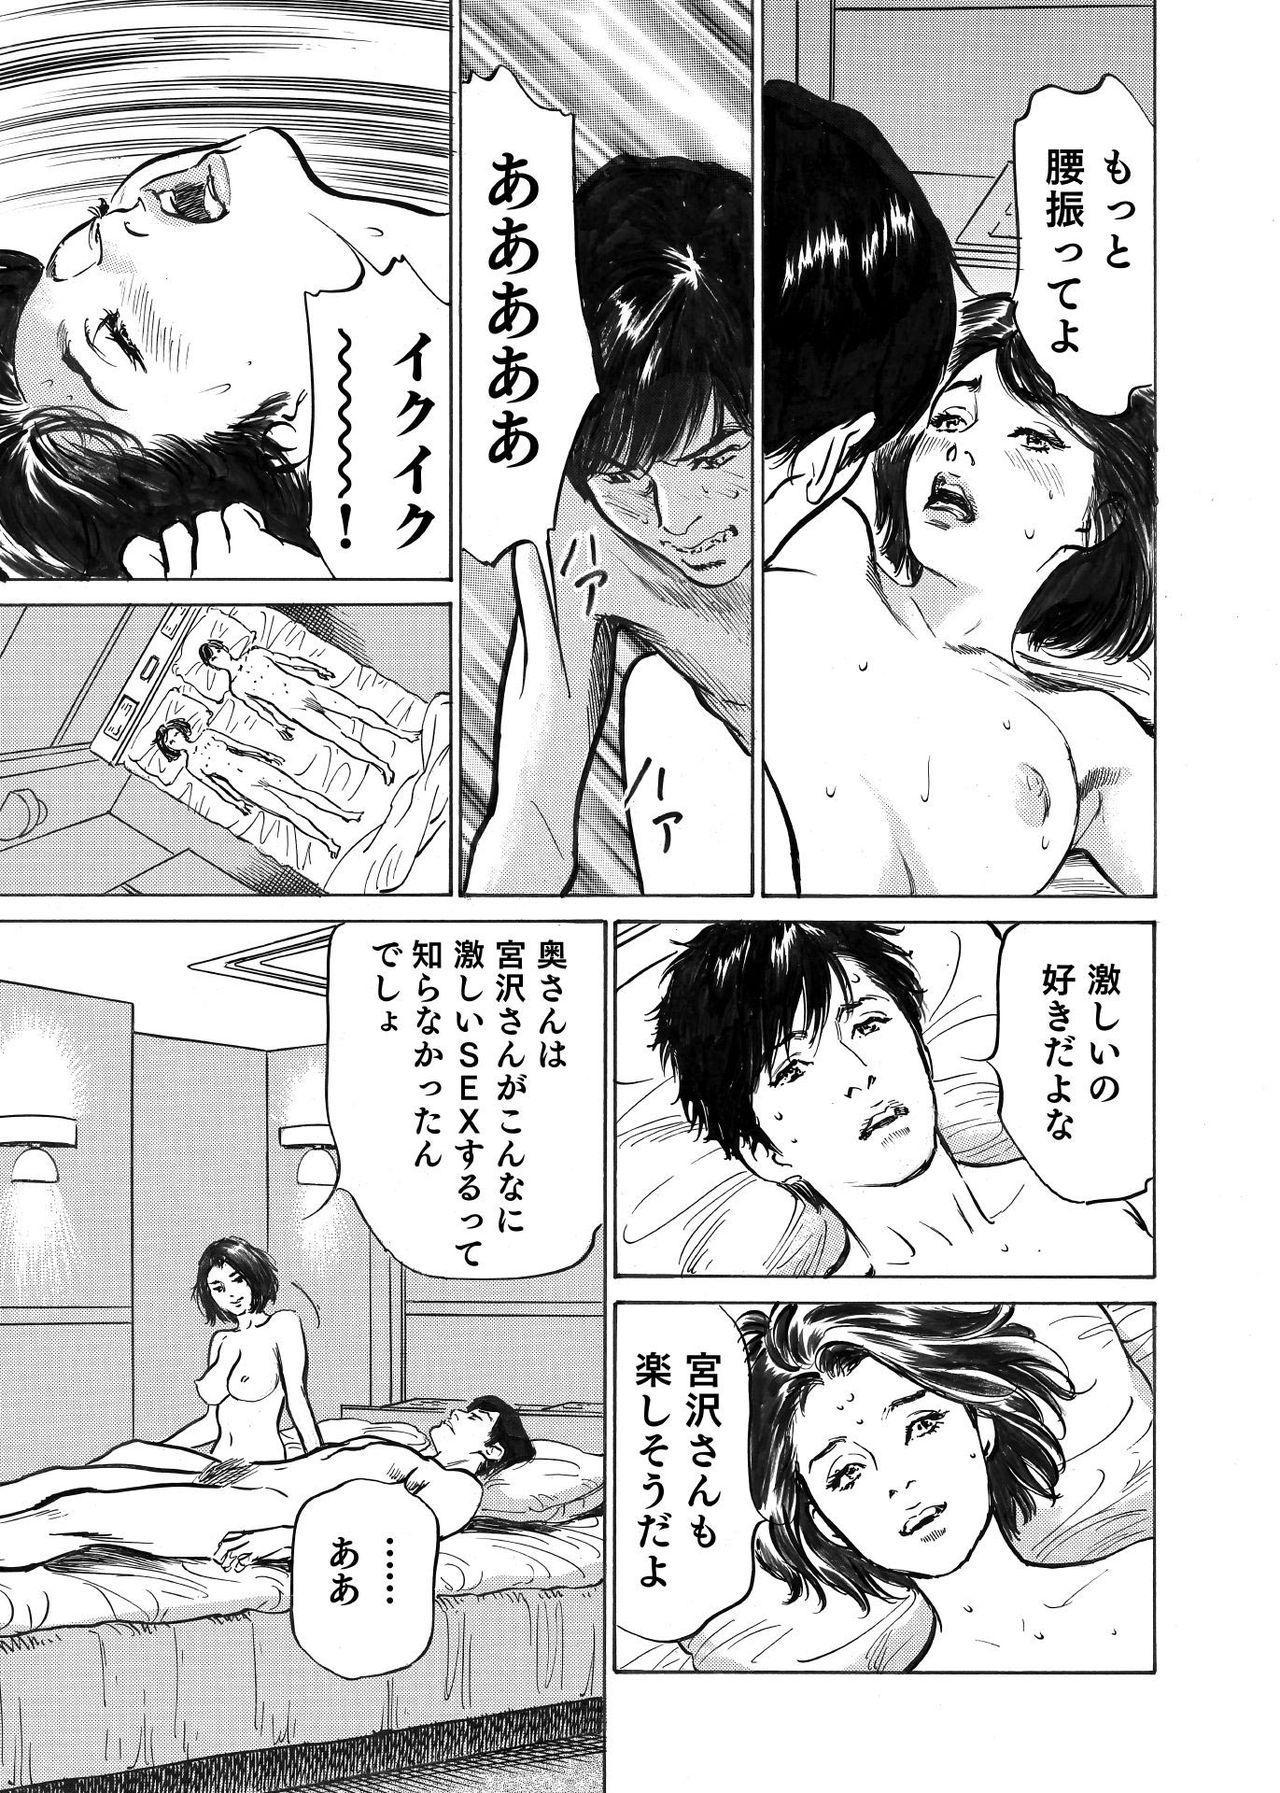 Ore wa Tsuma no Koto o Yoku Shiranai 1-9 66